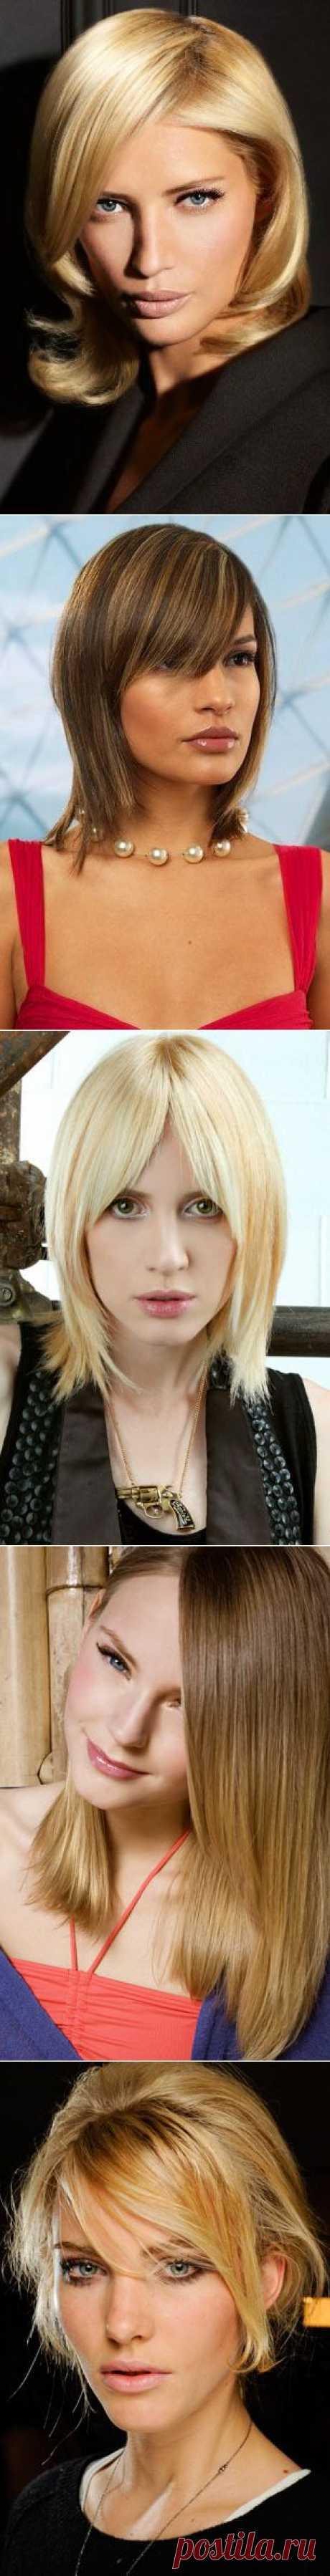 De 36 mejores peinados femeninos 2014 para los cabellos medios. Los peinados a la moda con